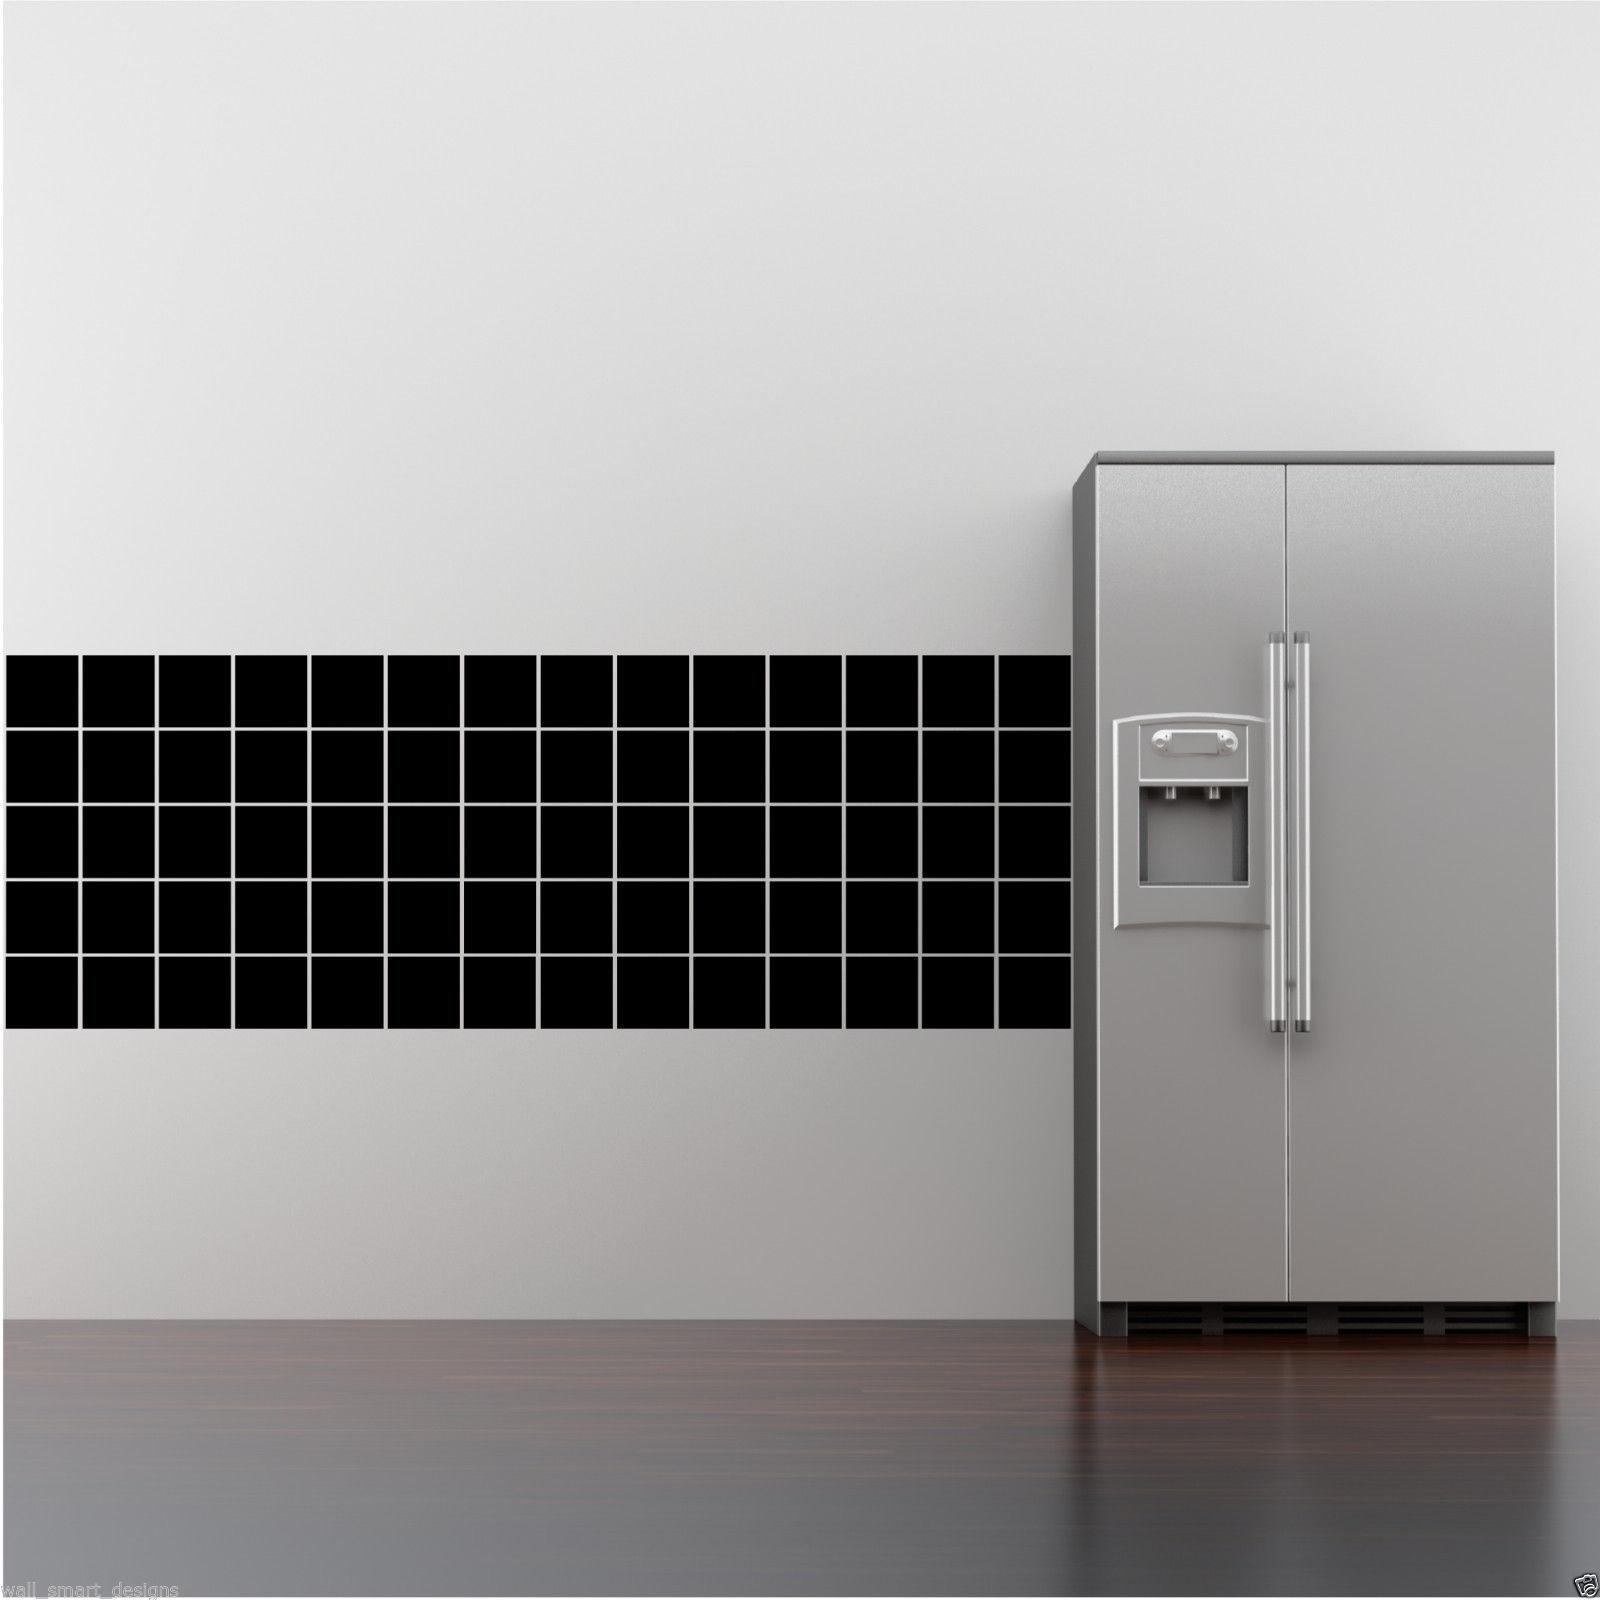 30 Wall Art Tile Stickers Fake Bathroom Kitchen Tiles 4 X4